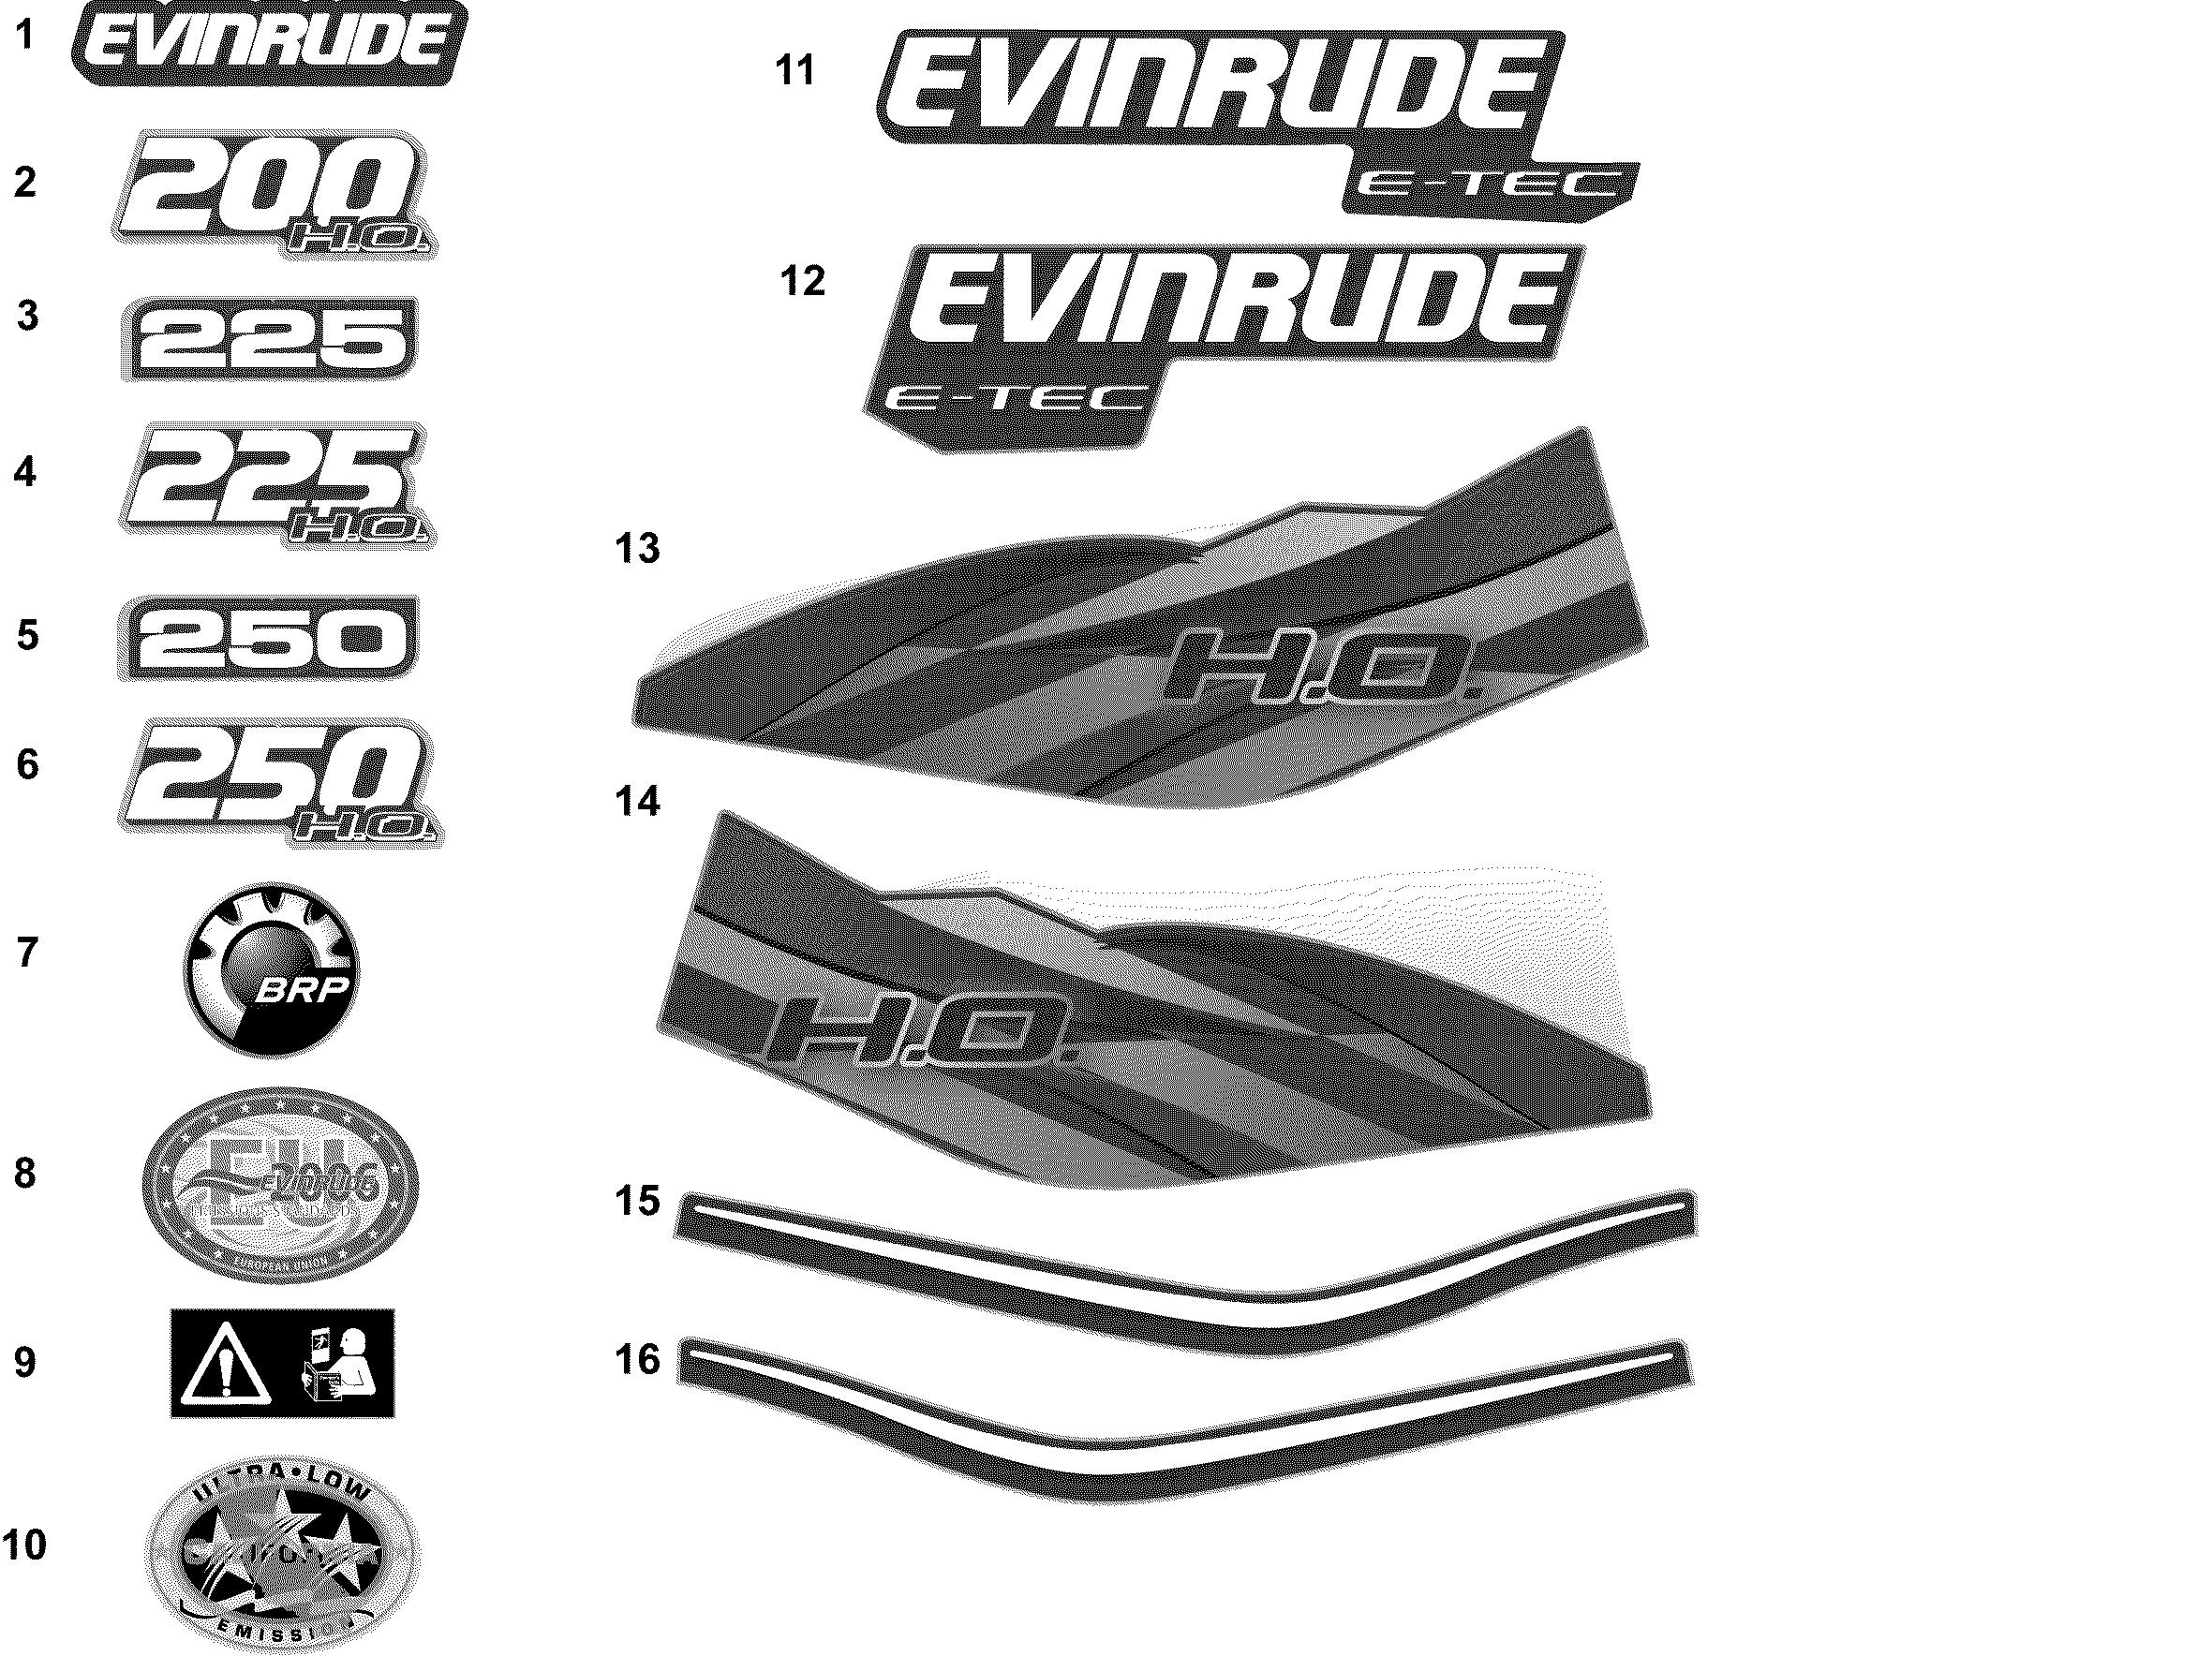 BRP | EVINRUDE - EN | 2012 | 250 H O  - (90° V6, 3 4 L